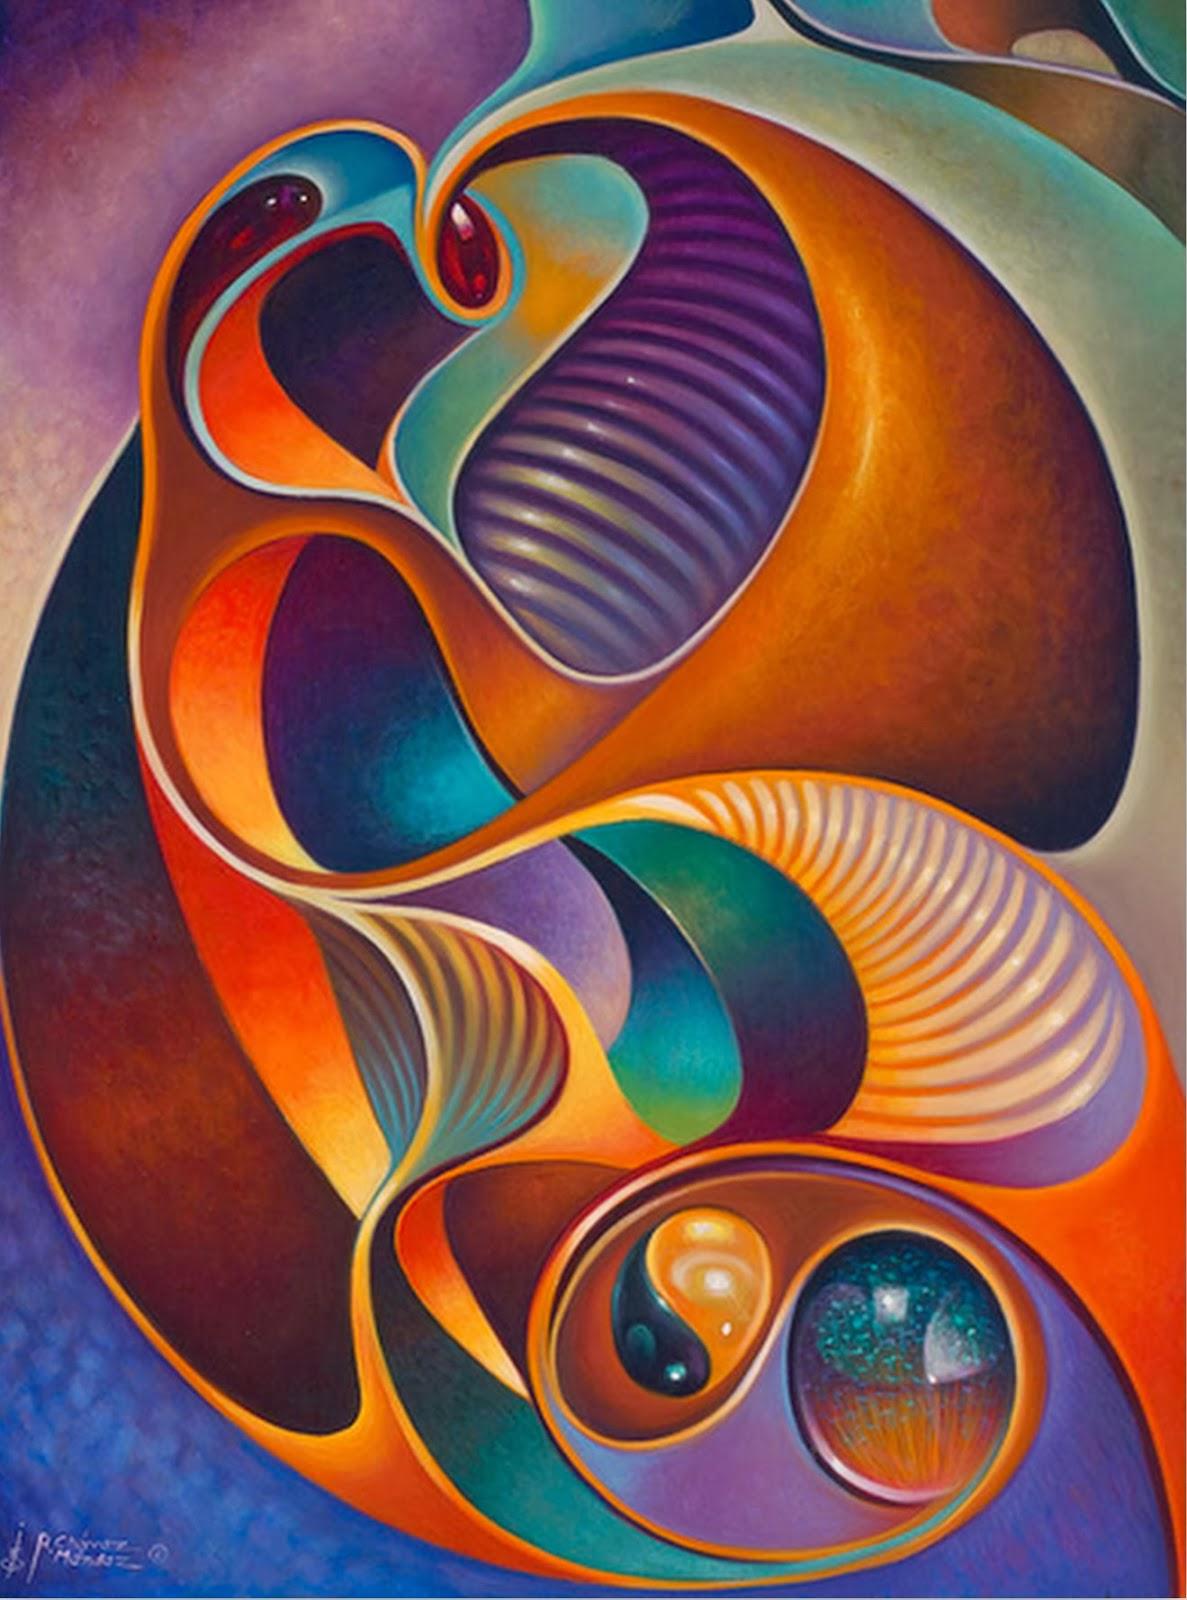 abstractos-modernos-figurativos